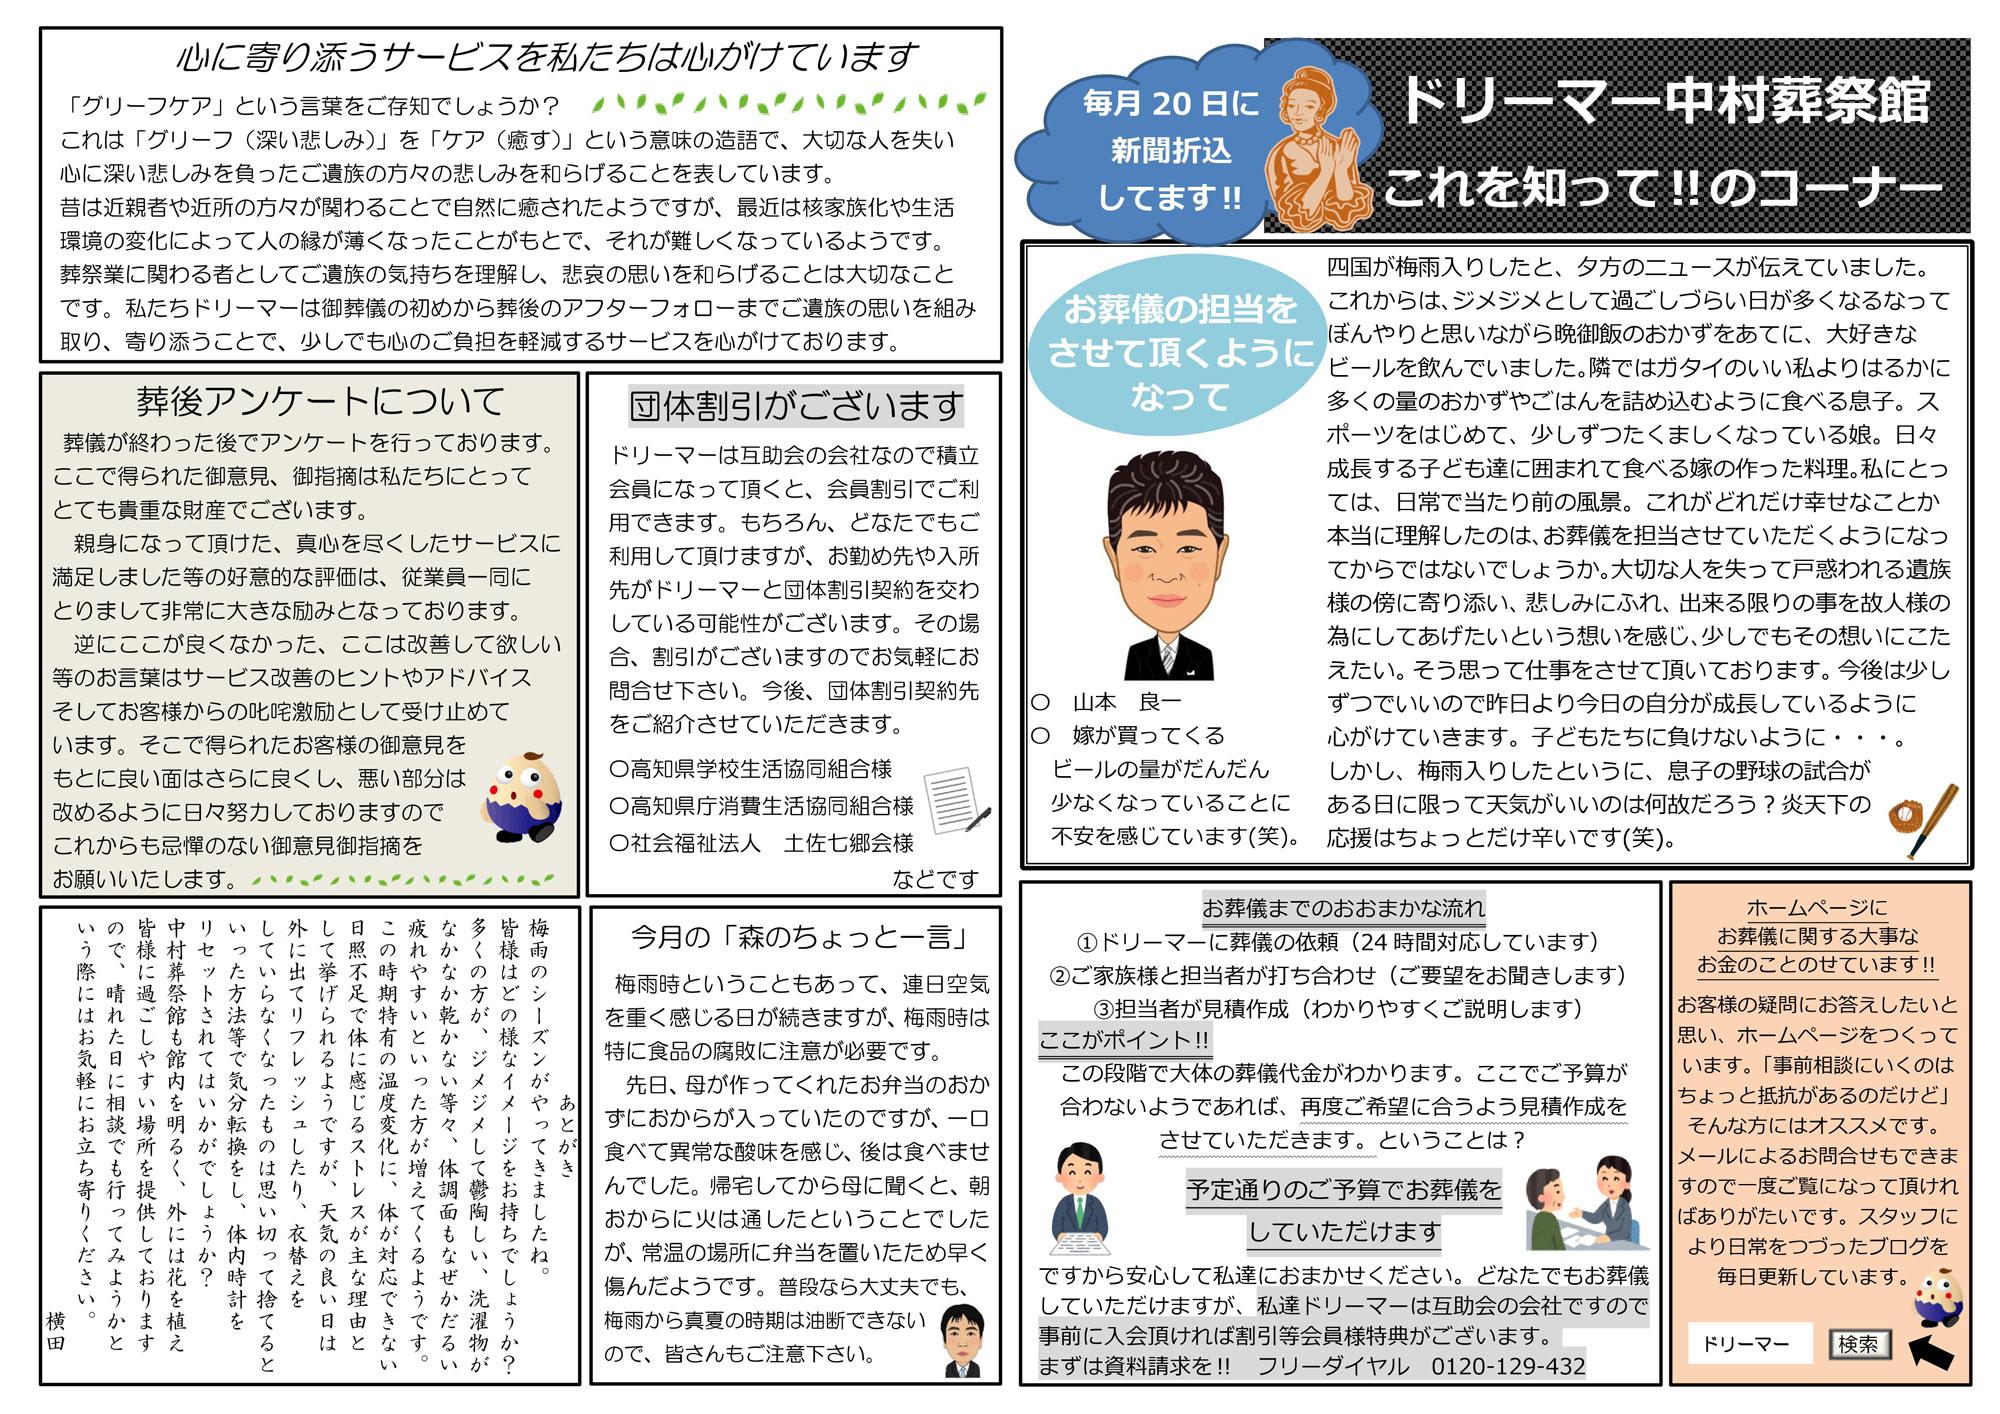 【四万十】葬儀かわら版52号_裏|高知県四万十市の葬儀式場|株式会社ドリーマー